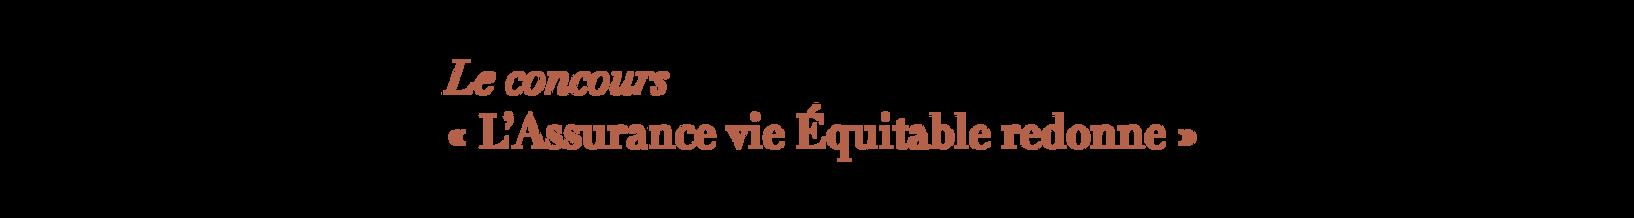 EQ-Gives-Back-Banner_FR.png